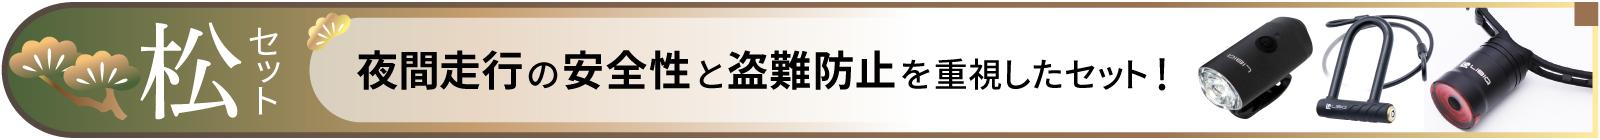 《在庫あり》TERN(ターン) 2017年モデル SURGE[コンフォート][ミニベロ/折りたたみ自転車] 【安全整備士による完全組立・整備済】【通勤】【通学】【0824カード分割】